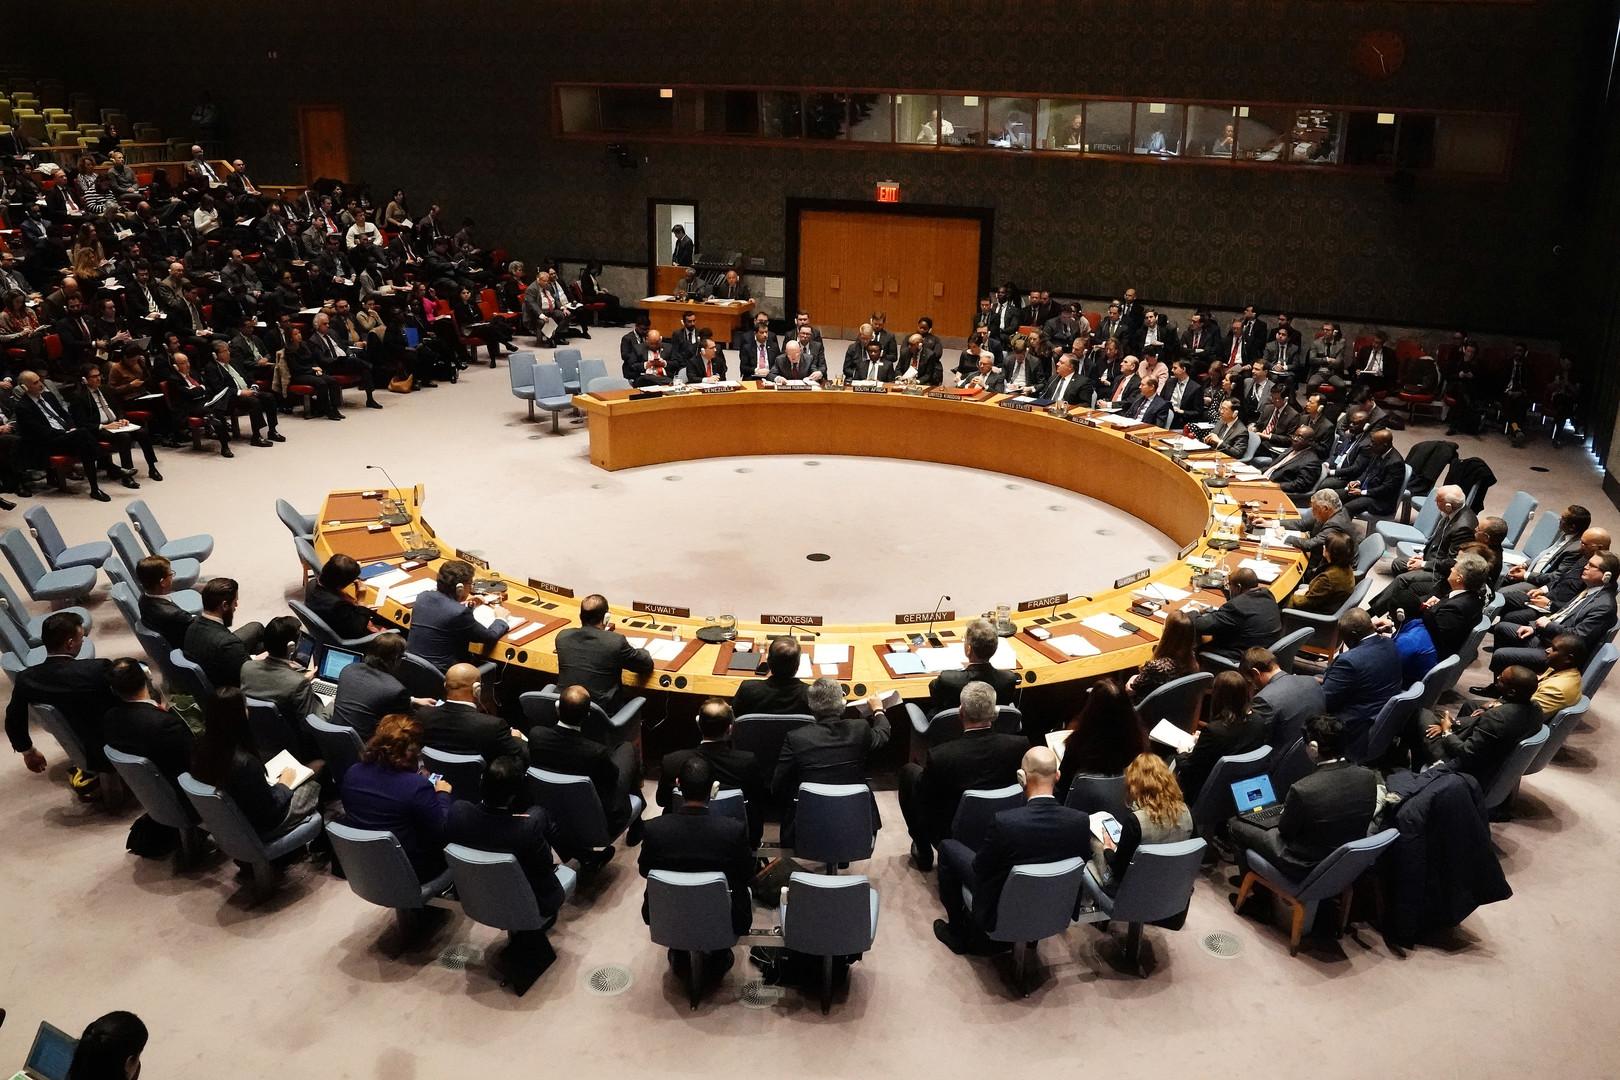 السعودية في رسالة لمجلس الأمن: سنتخذ إجراءات عاجلة لردع هجمات الحوثيين